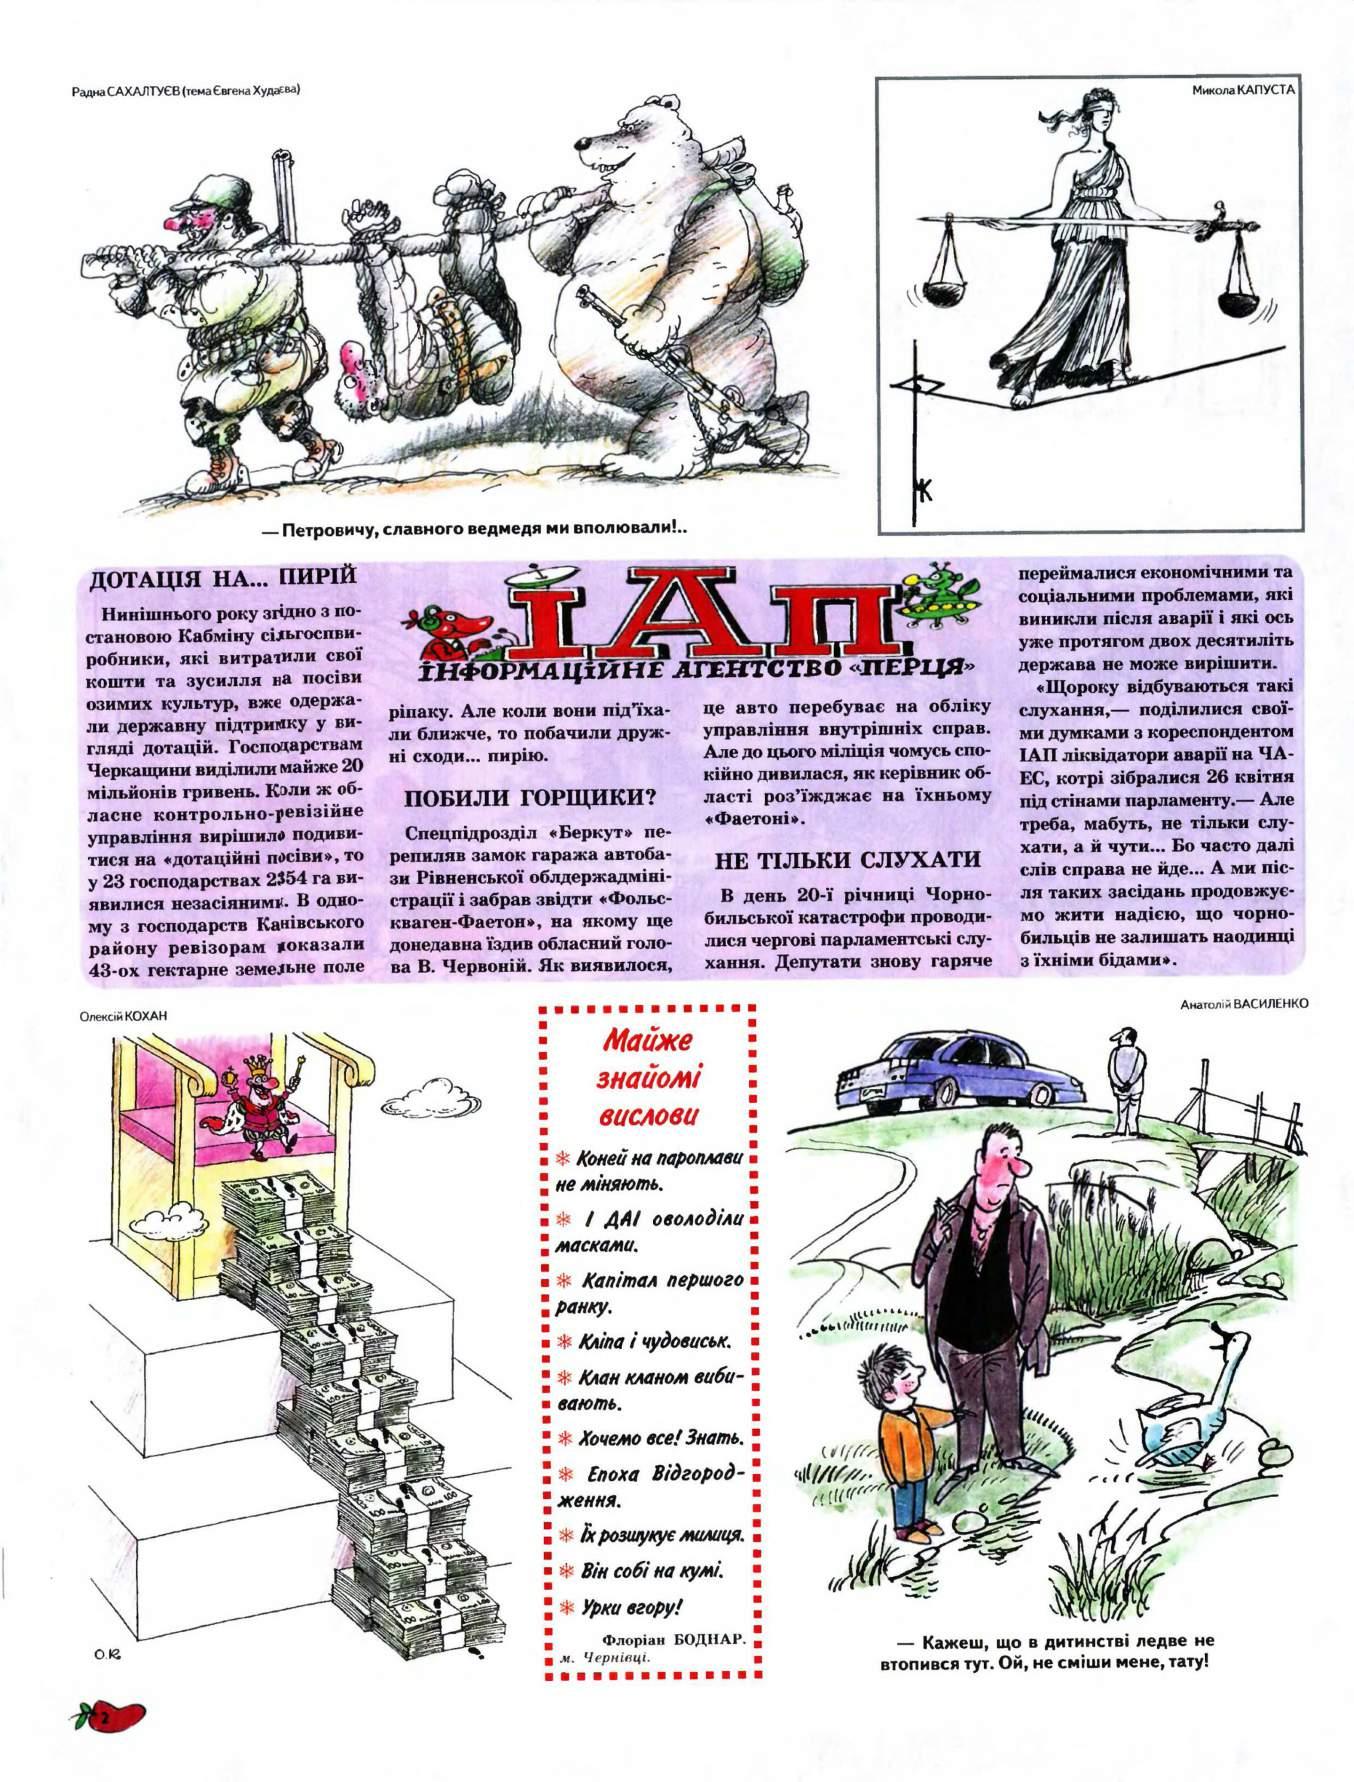 Журнал перець 2006 №04